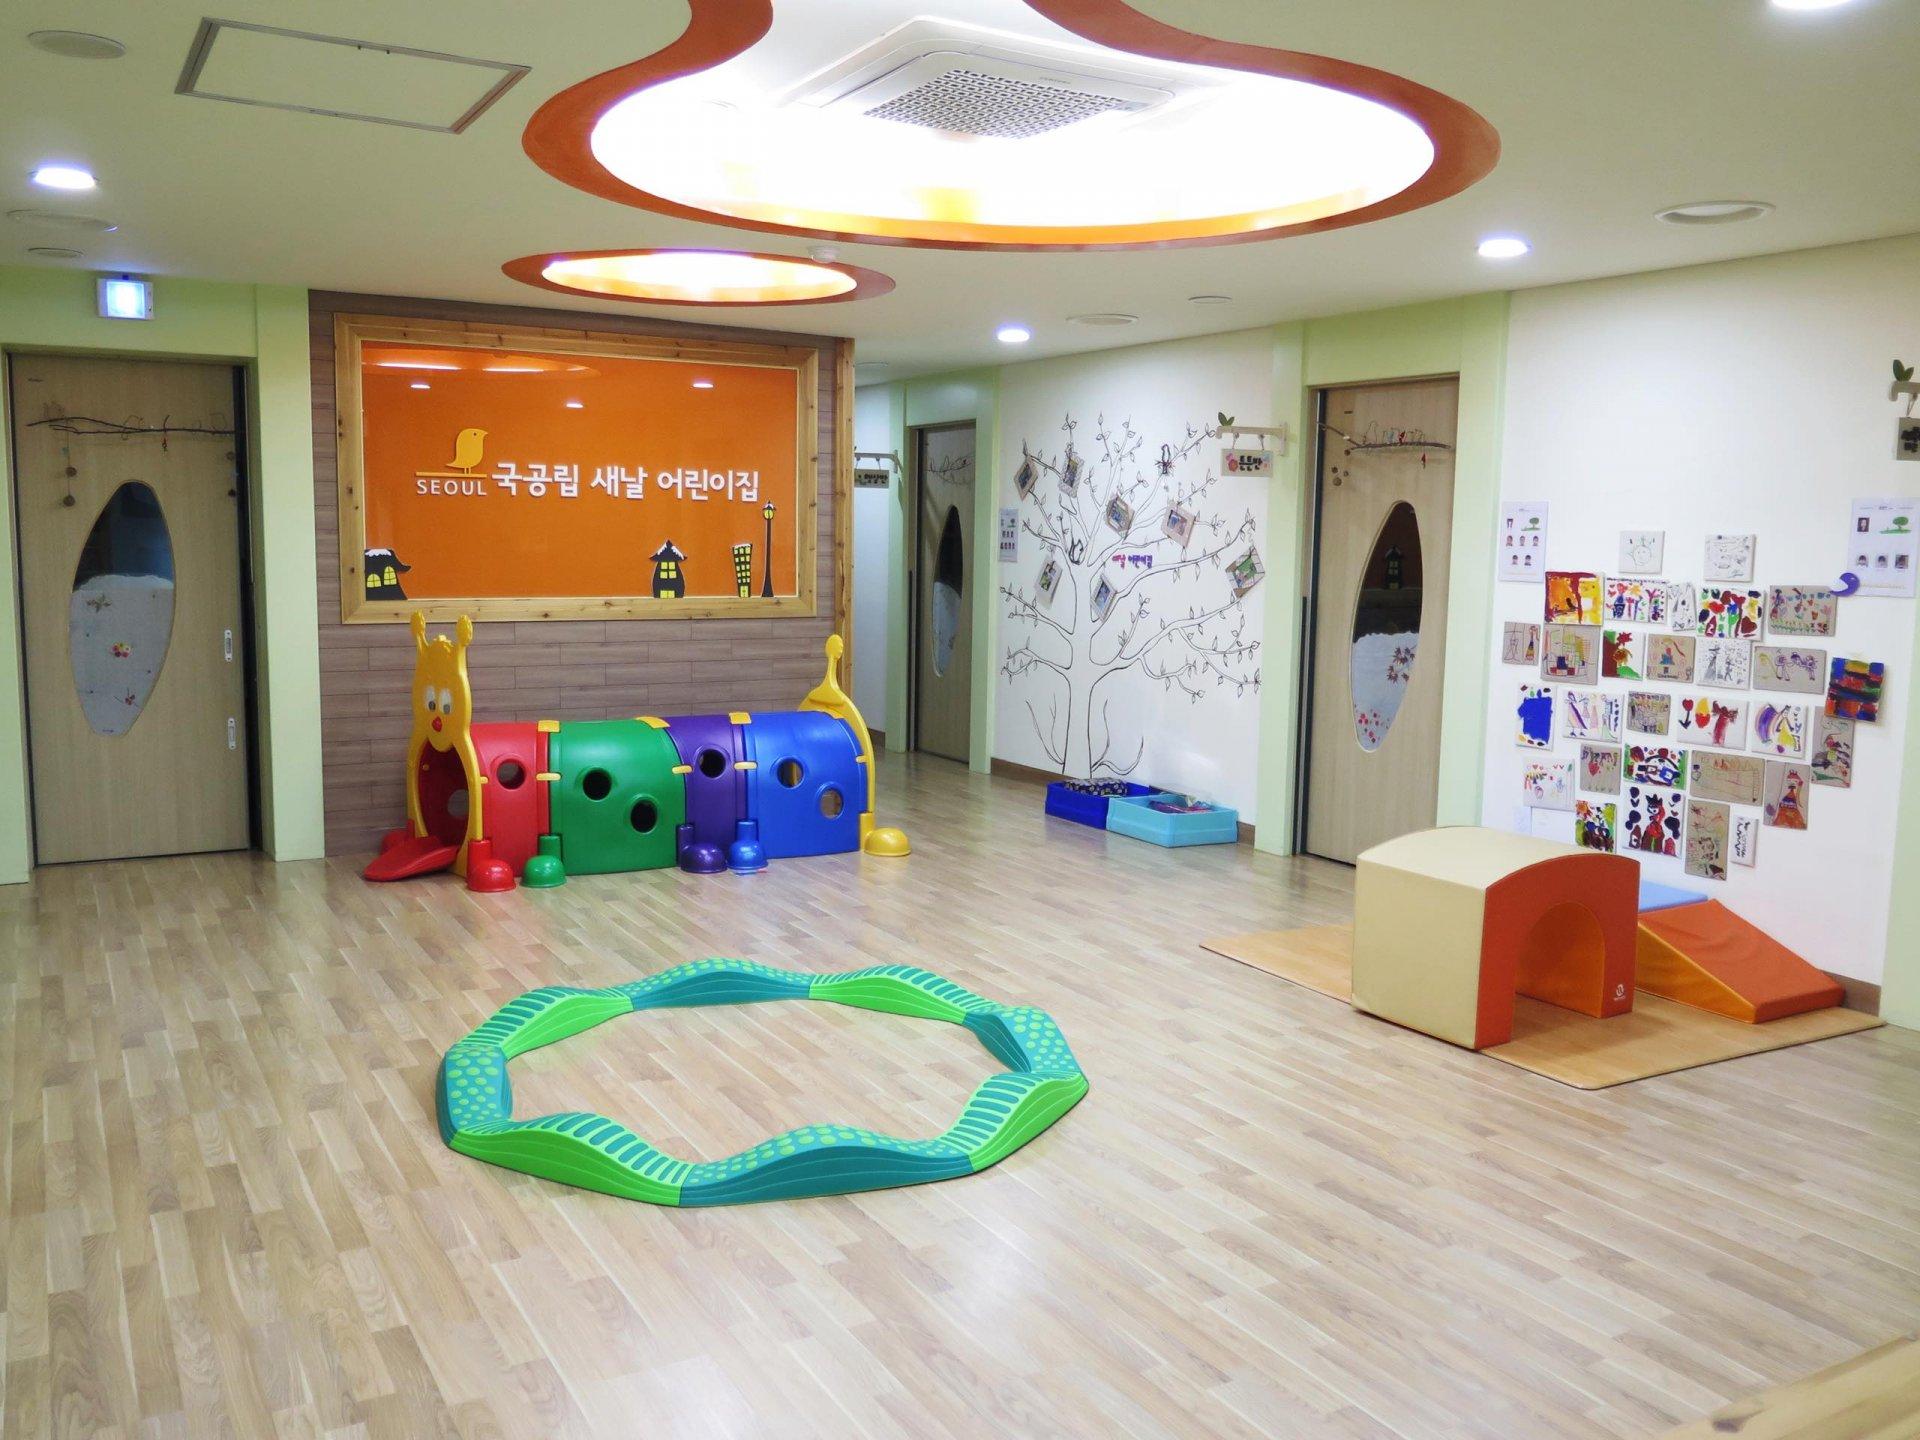 마룻바닥에 어린이 놀이용품이 보이고, 벽에 새날어린이이집이라는 글씨가 쓰여있다.